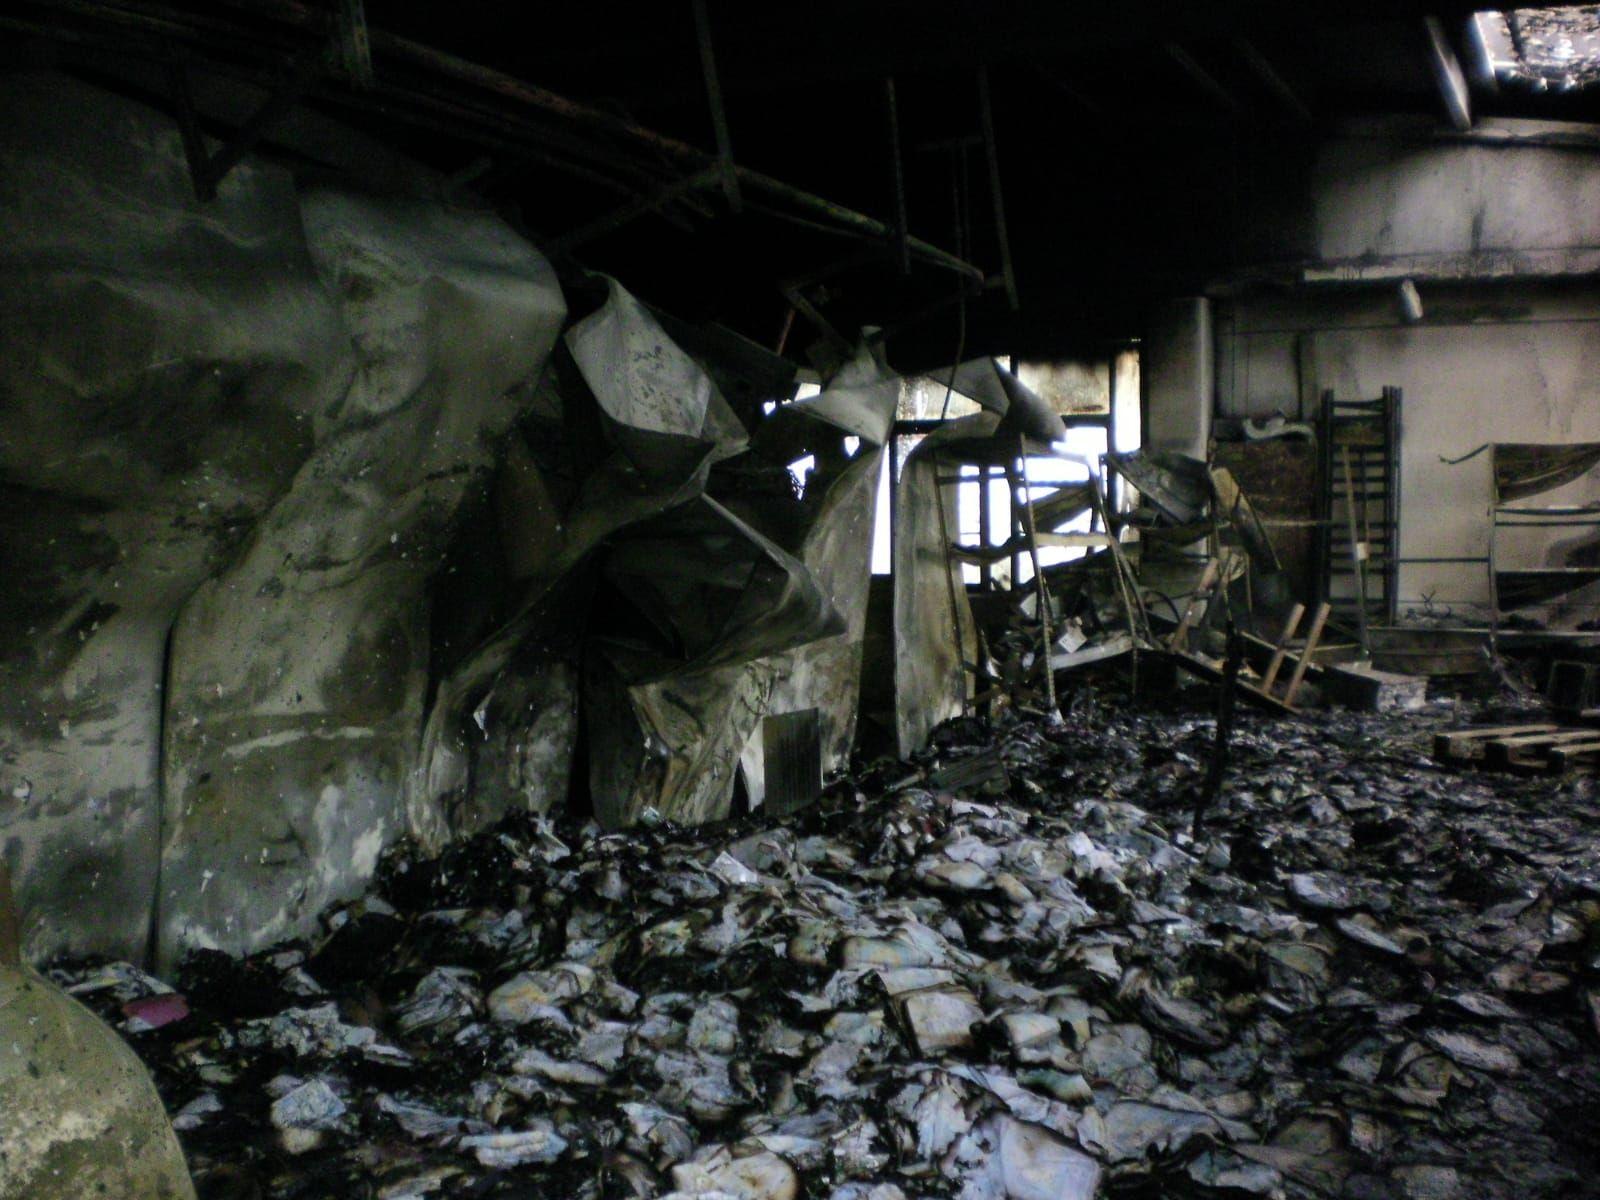 MONCALIERI - Un corto circuito alle celle frigorifere, così è partito l'incendio alla 'Tripa'